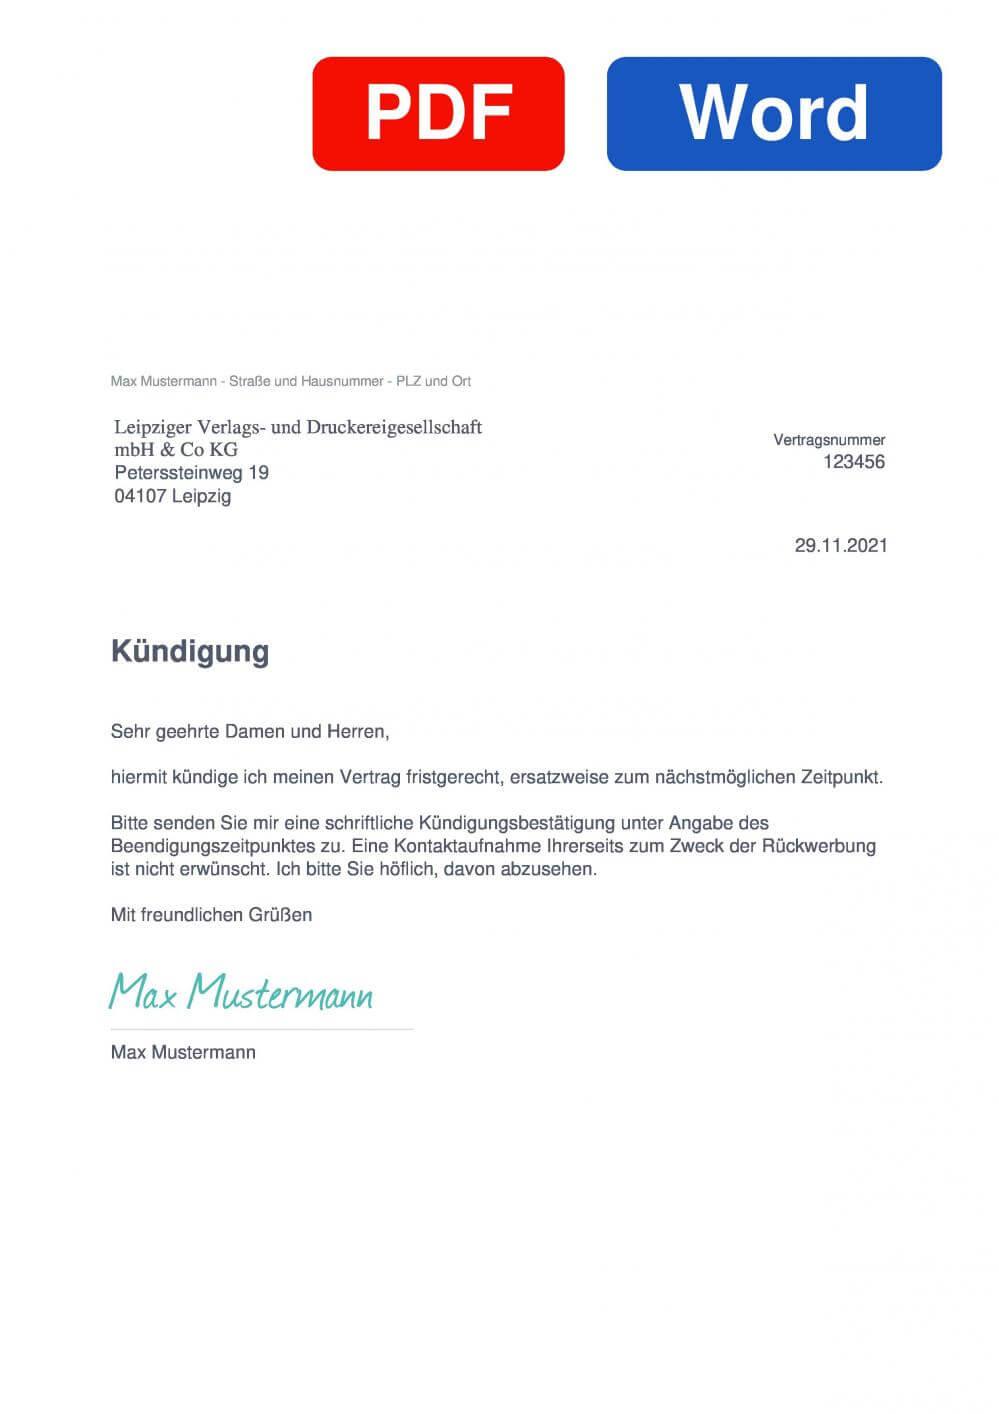 LVZ Muster Vorlage für Kündigungsschreiben